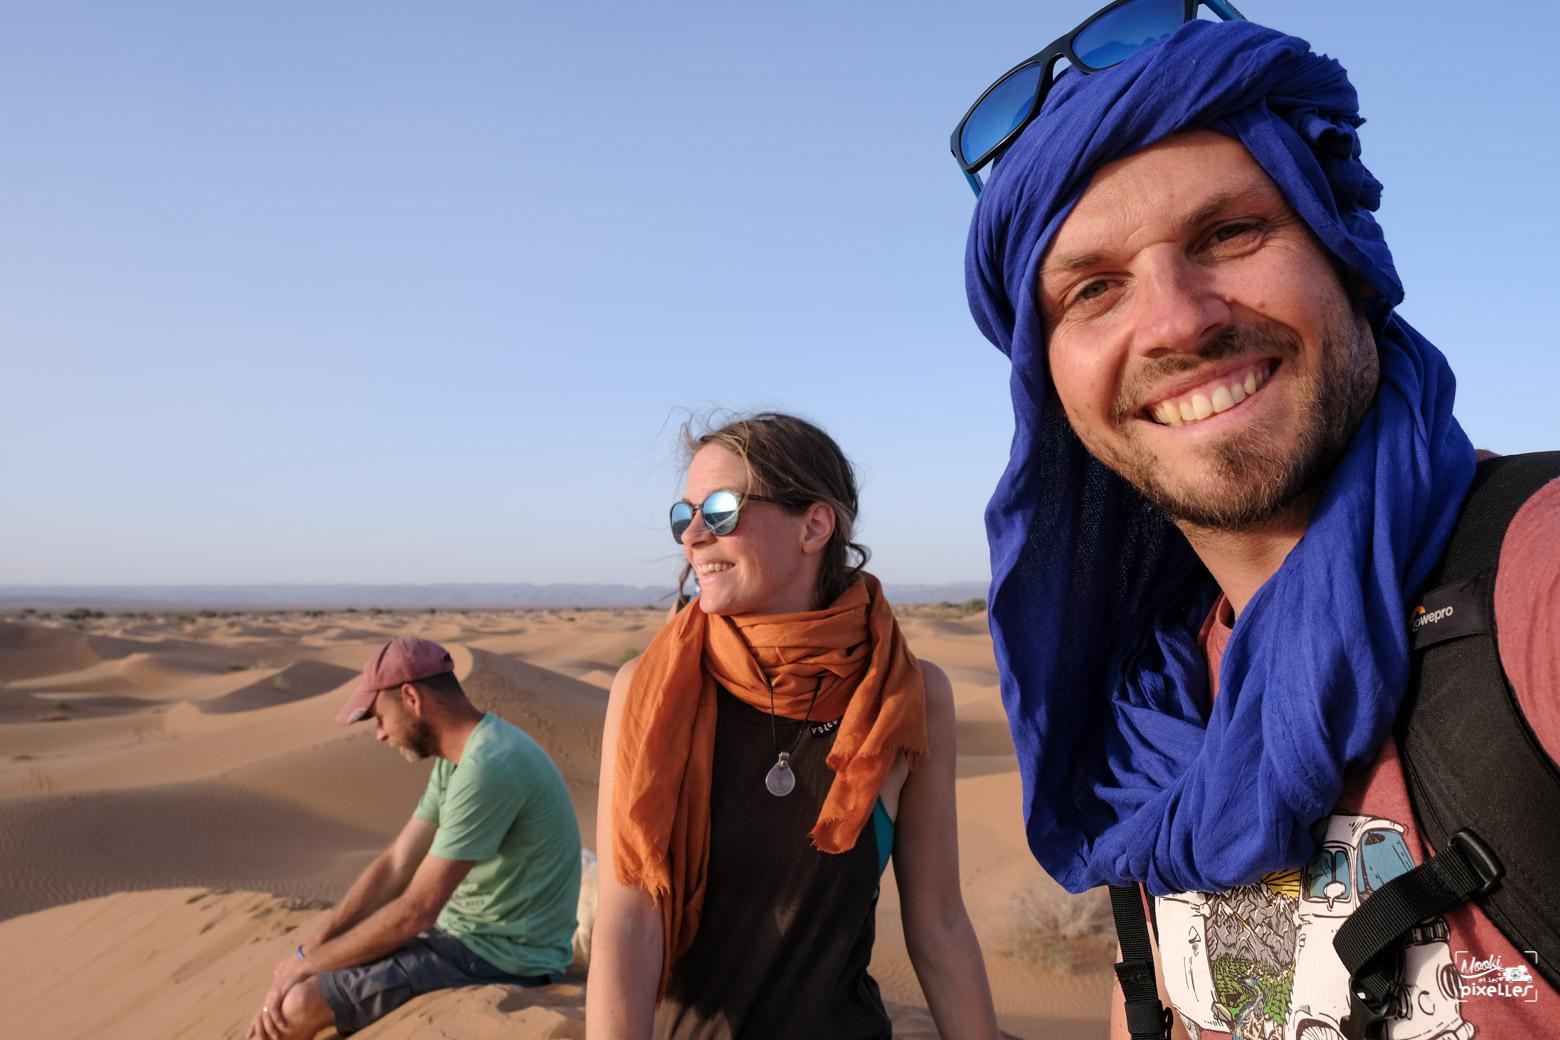 Des gens heureux dans le désert